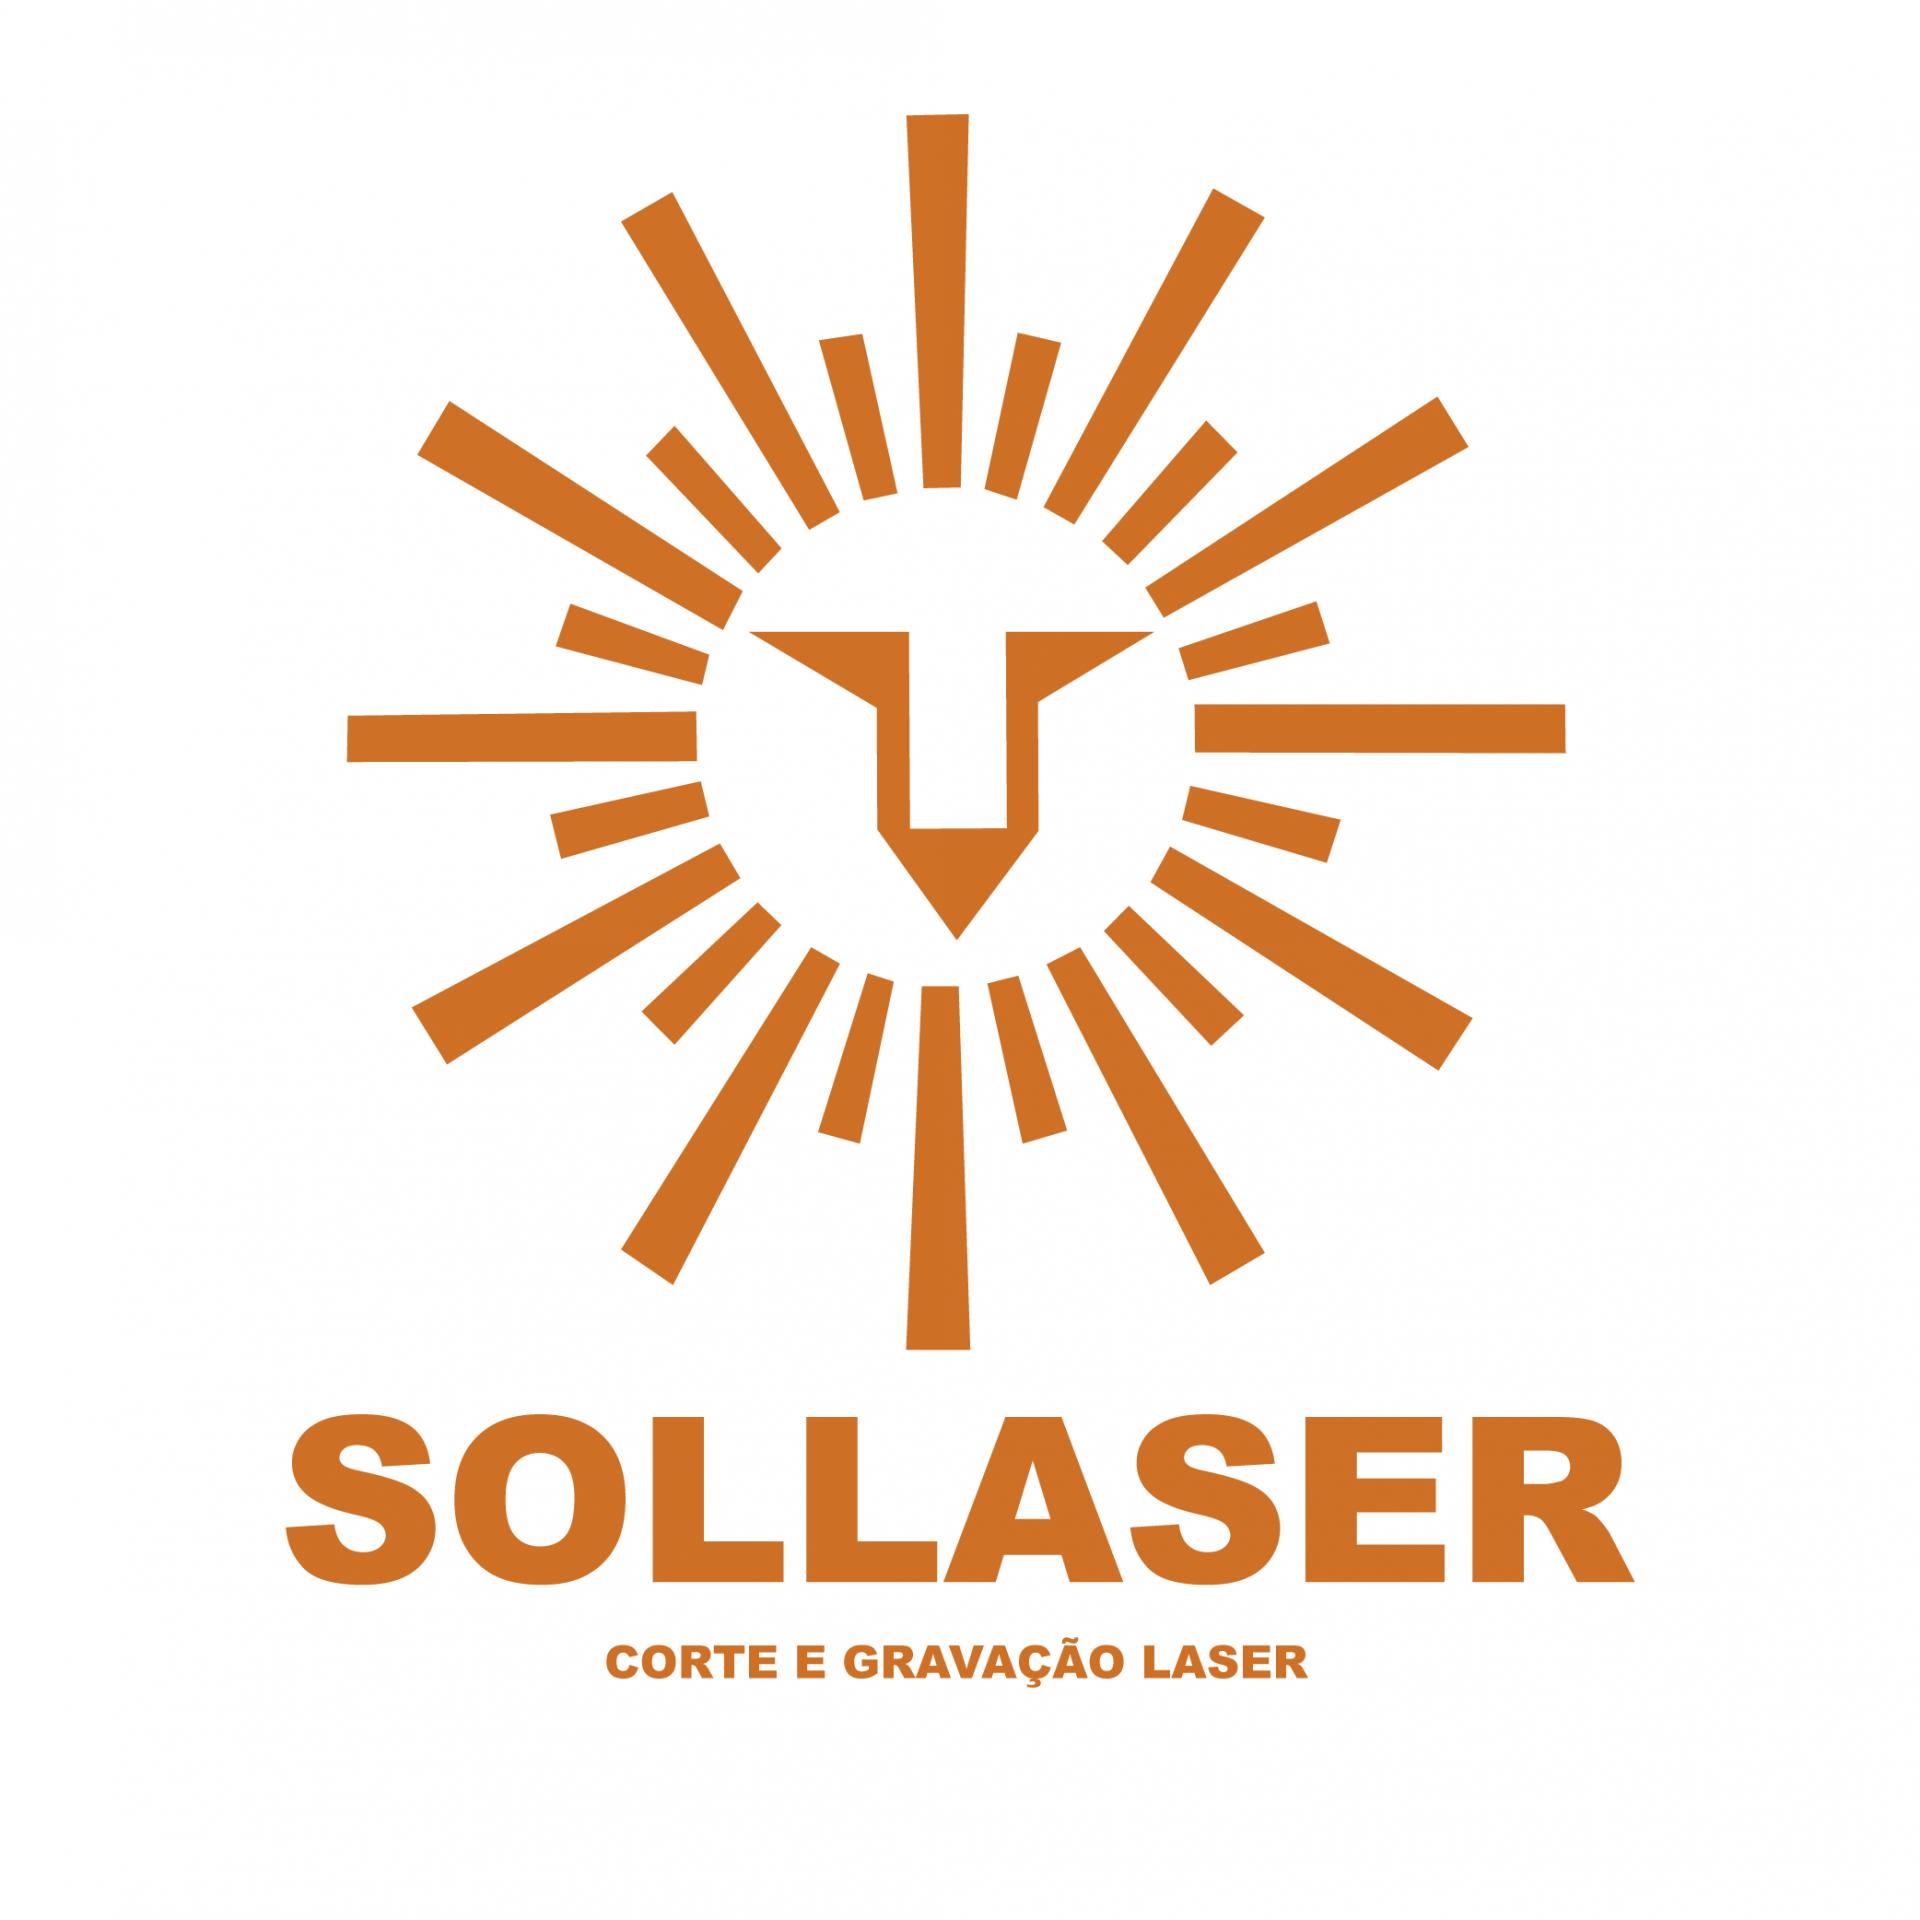 SolLaser - Corte e Gravação a Laser